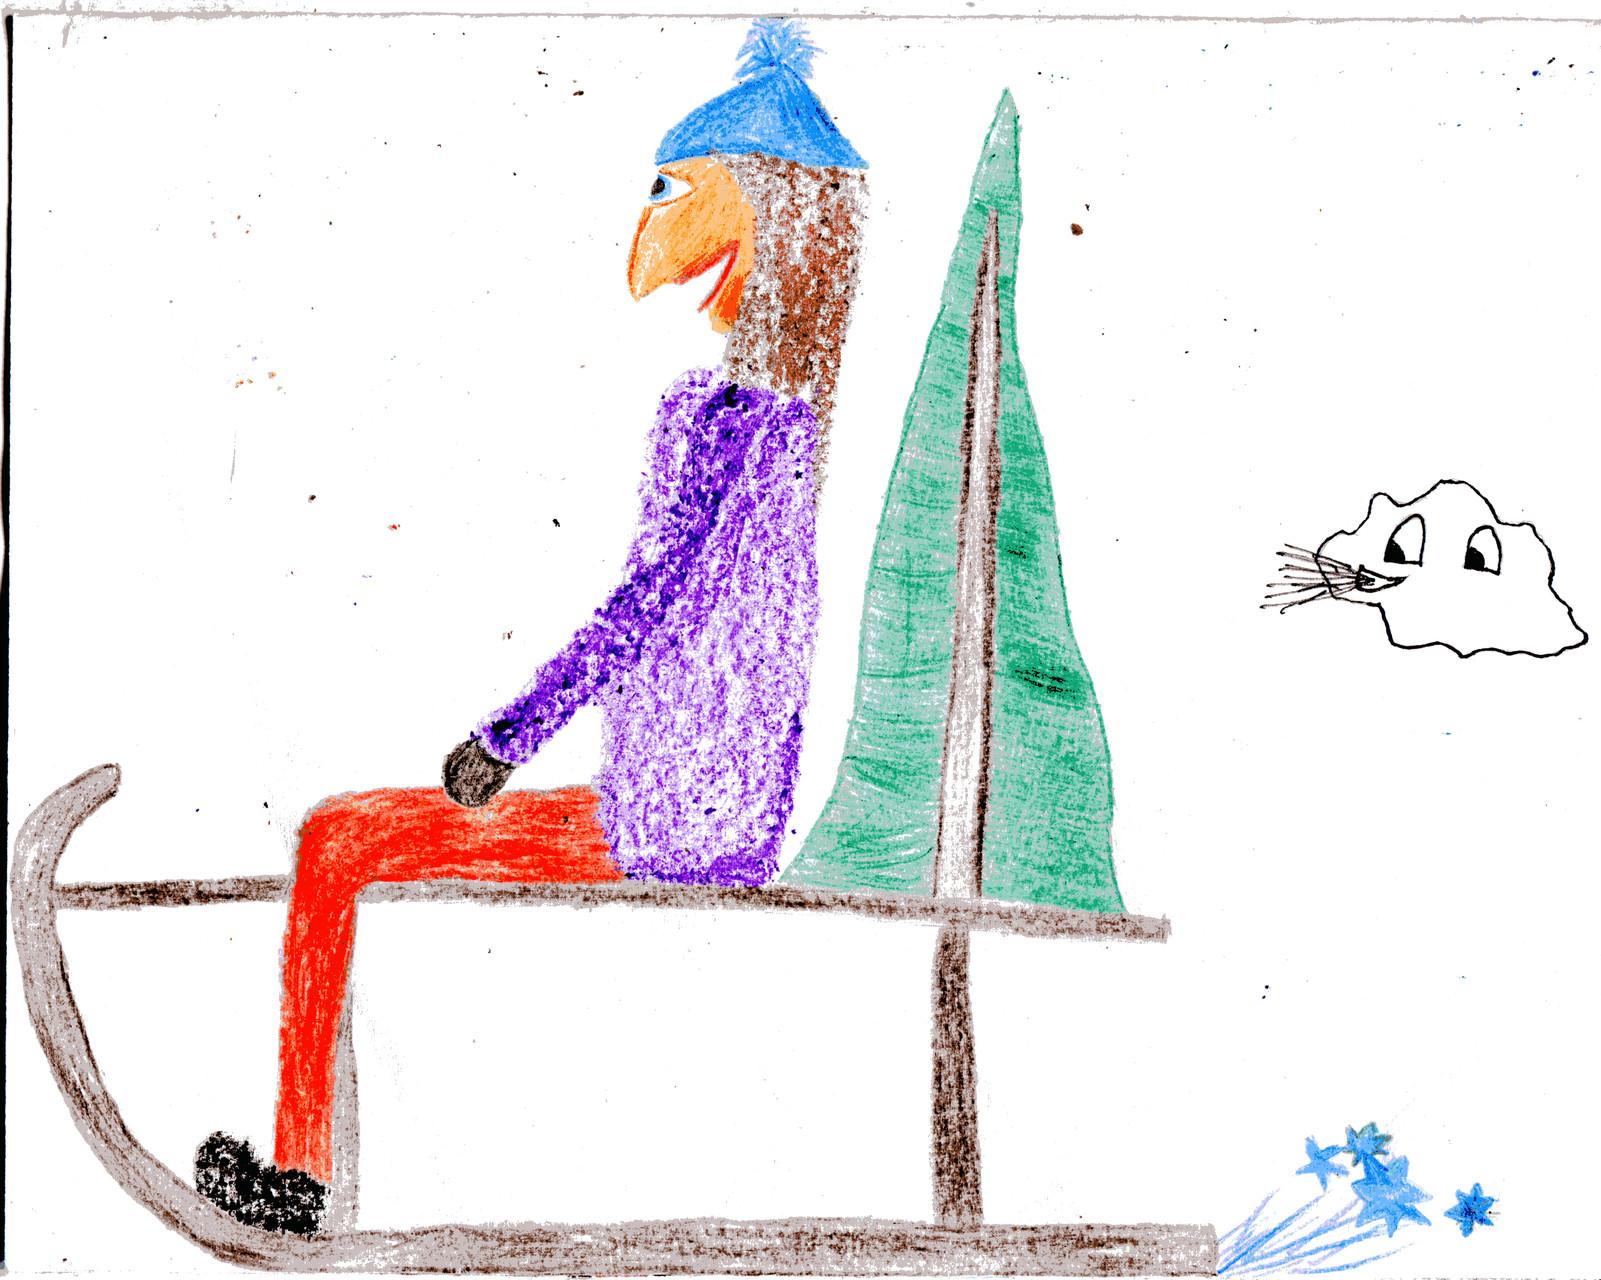 Dorothea und Sausewind fahren Schlitten